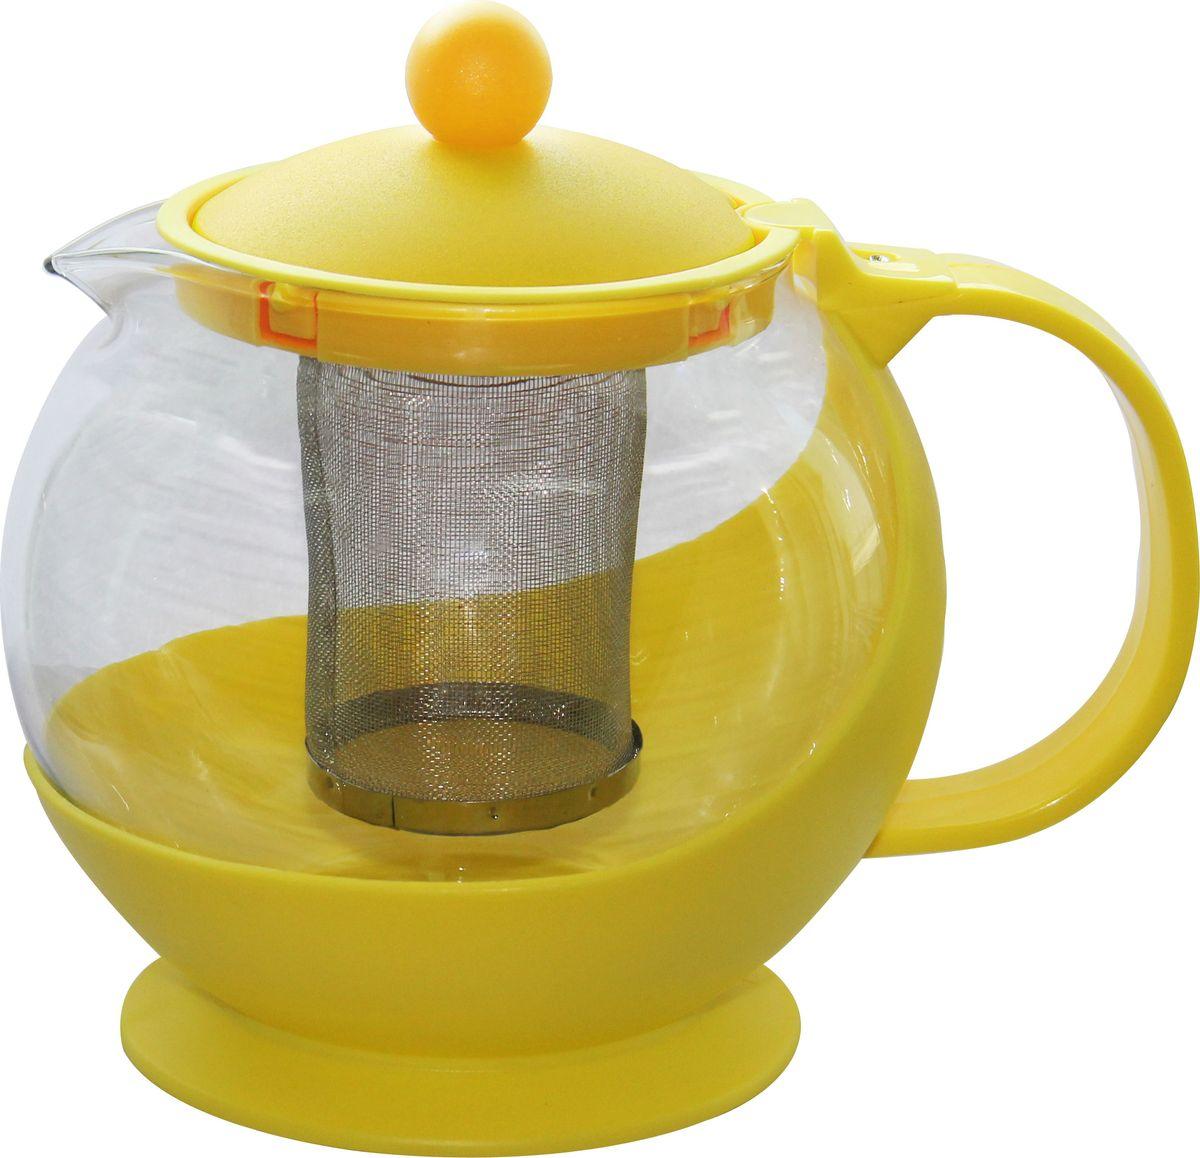 Чайник заварочный Irit, цвет: желтый, 1,25 л чайник заварочный irit amp 100 2200 вт белый 1 7 л пластик